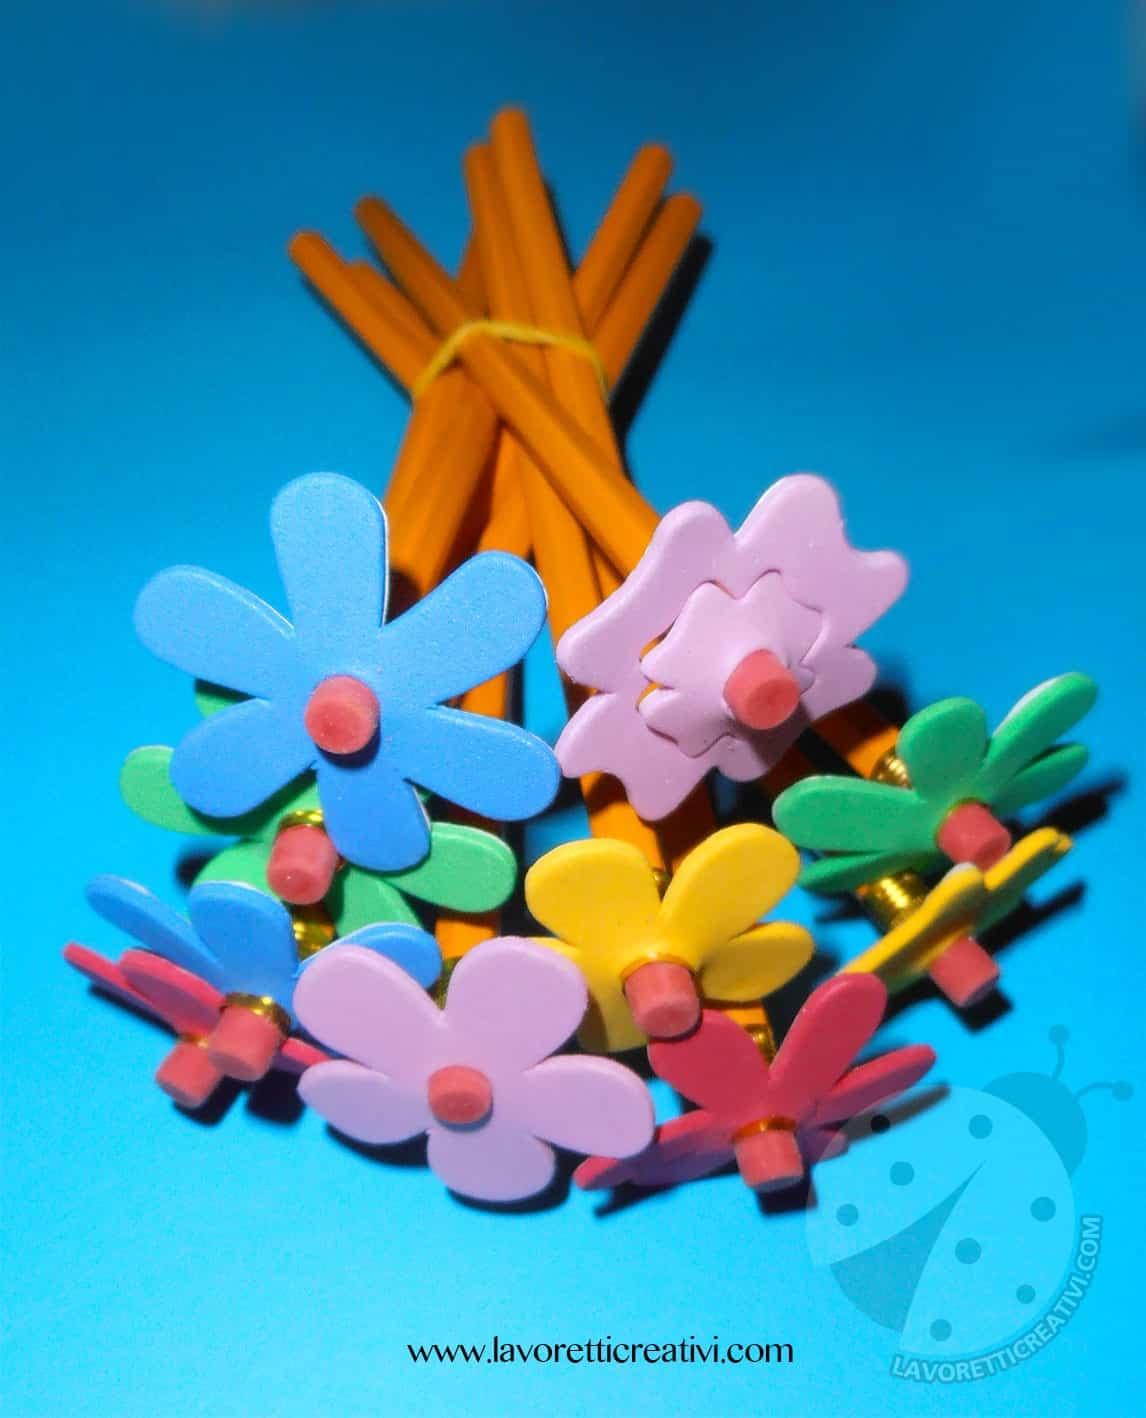 Lavoretti di fine anno scolastico con le matite for Siti per maestre scuola infanzia